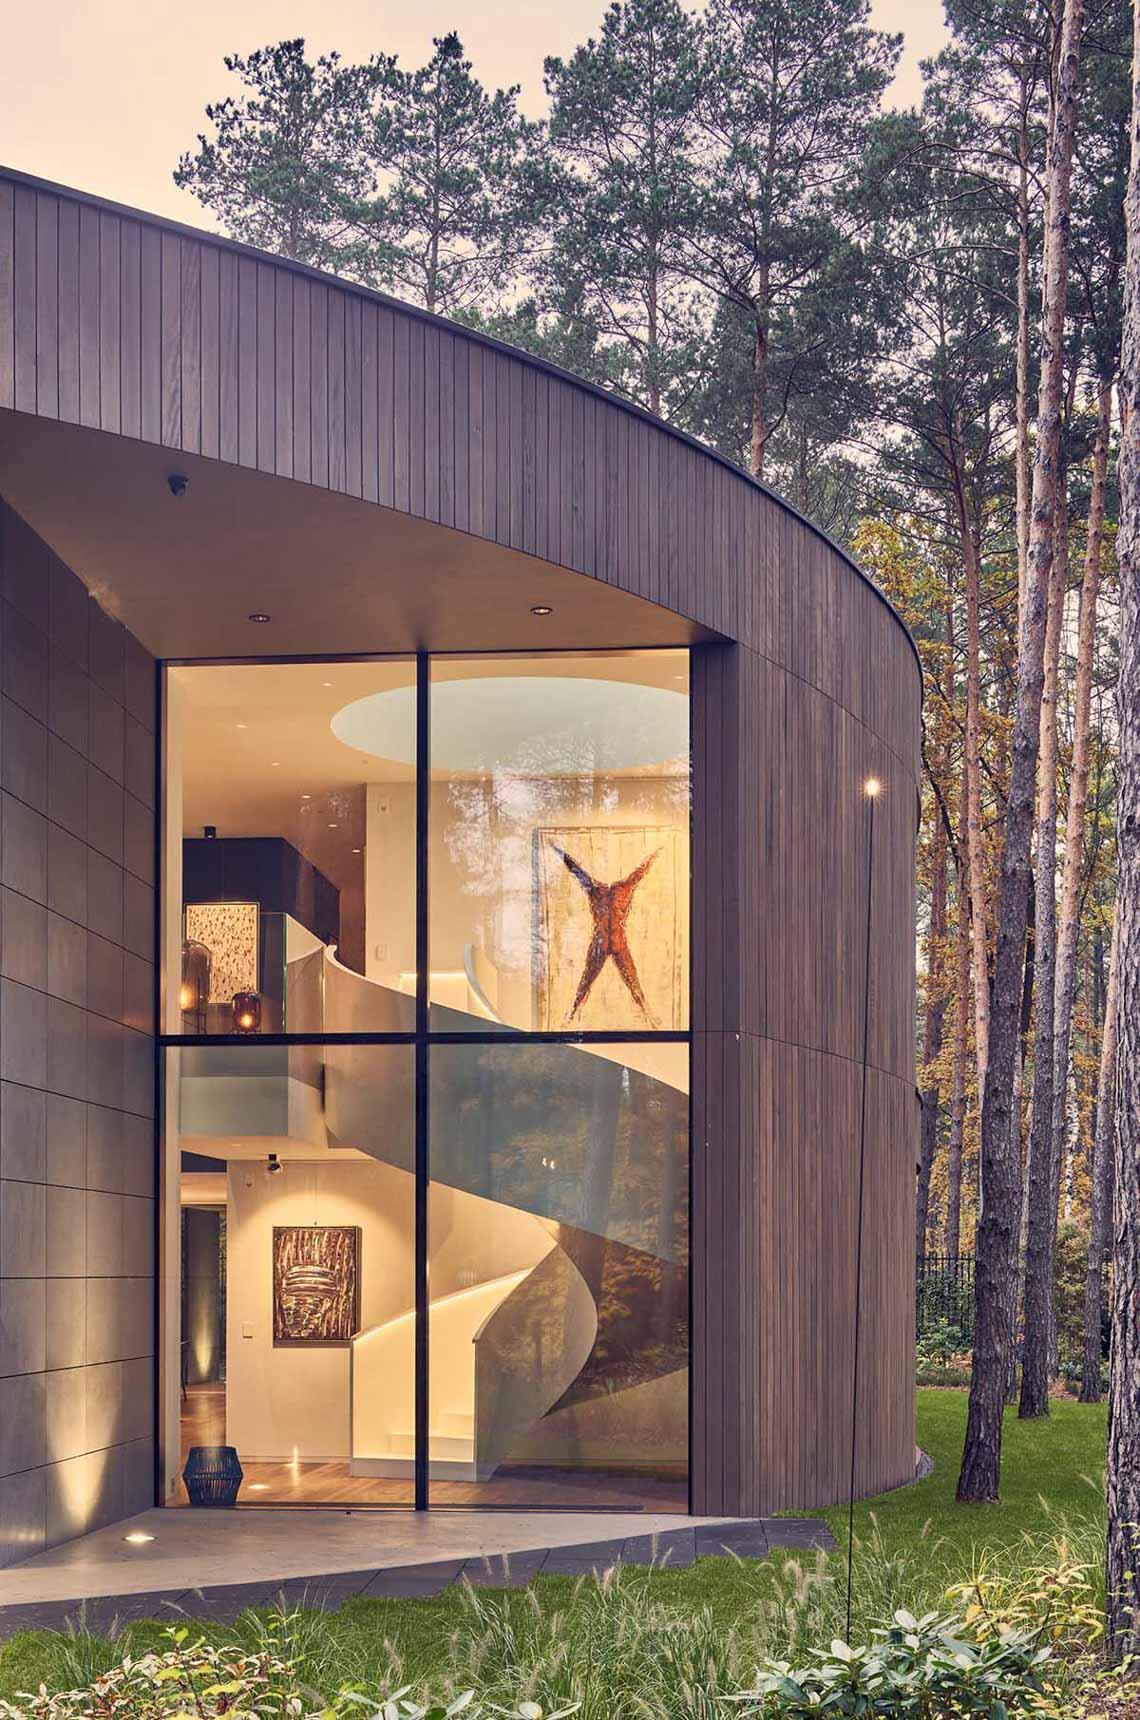 Ngôi nhà thiết kế hình tròn cho một chủ nhân yêu nghệ thuật và thiên nhiên - 6